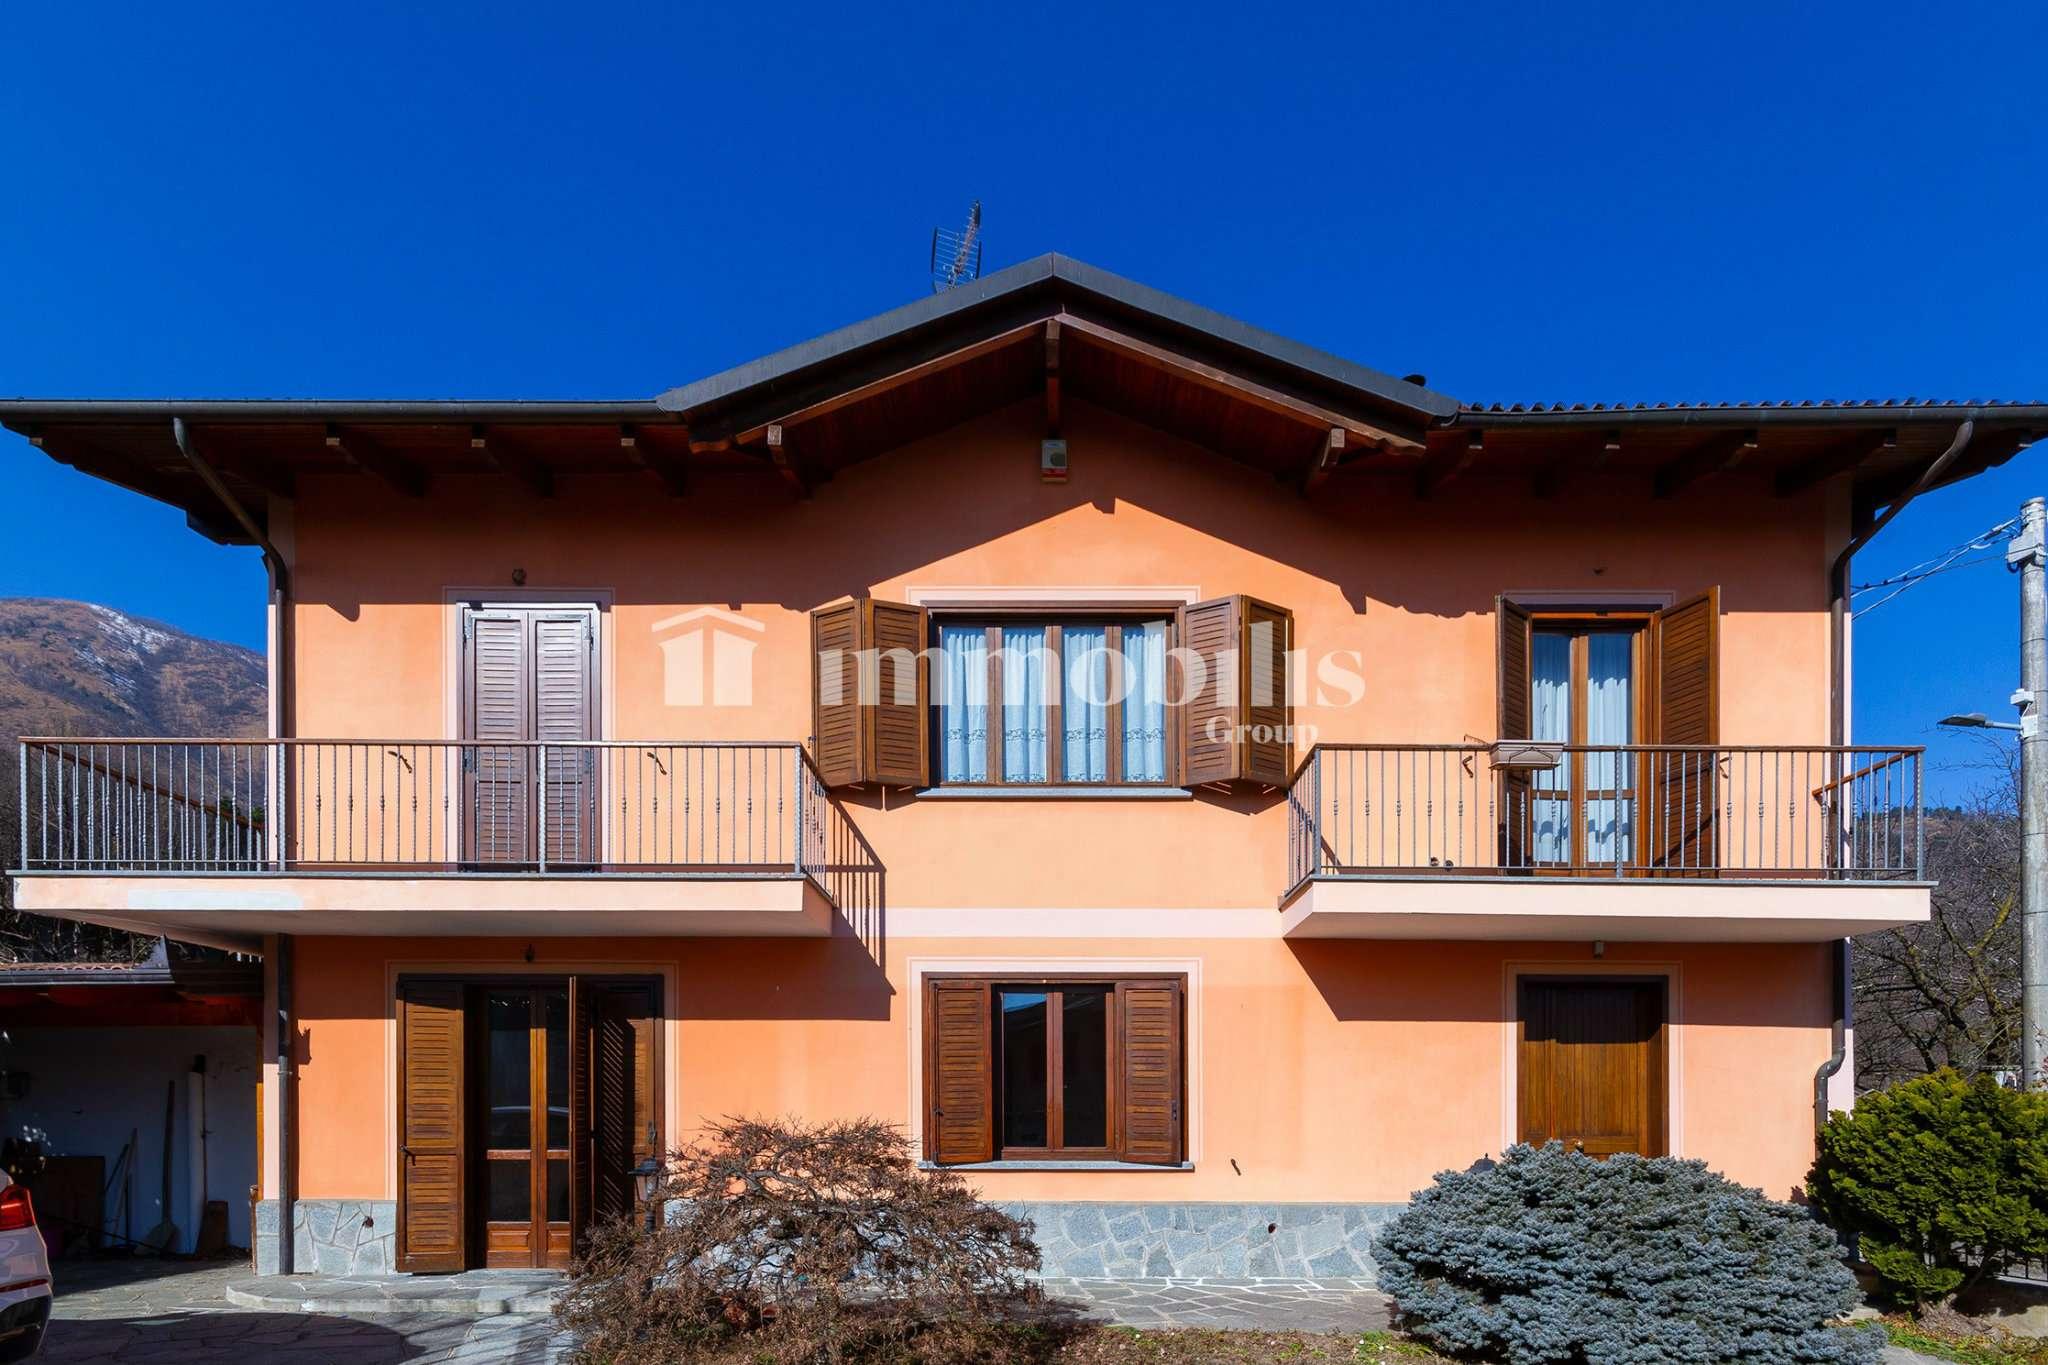 Soluzione Indipendente in vendita a Givoletto, 8 locali, prezzo € 250.000 | CambioCasa.it